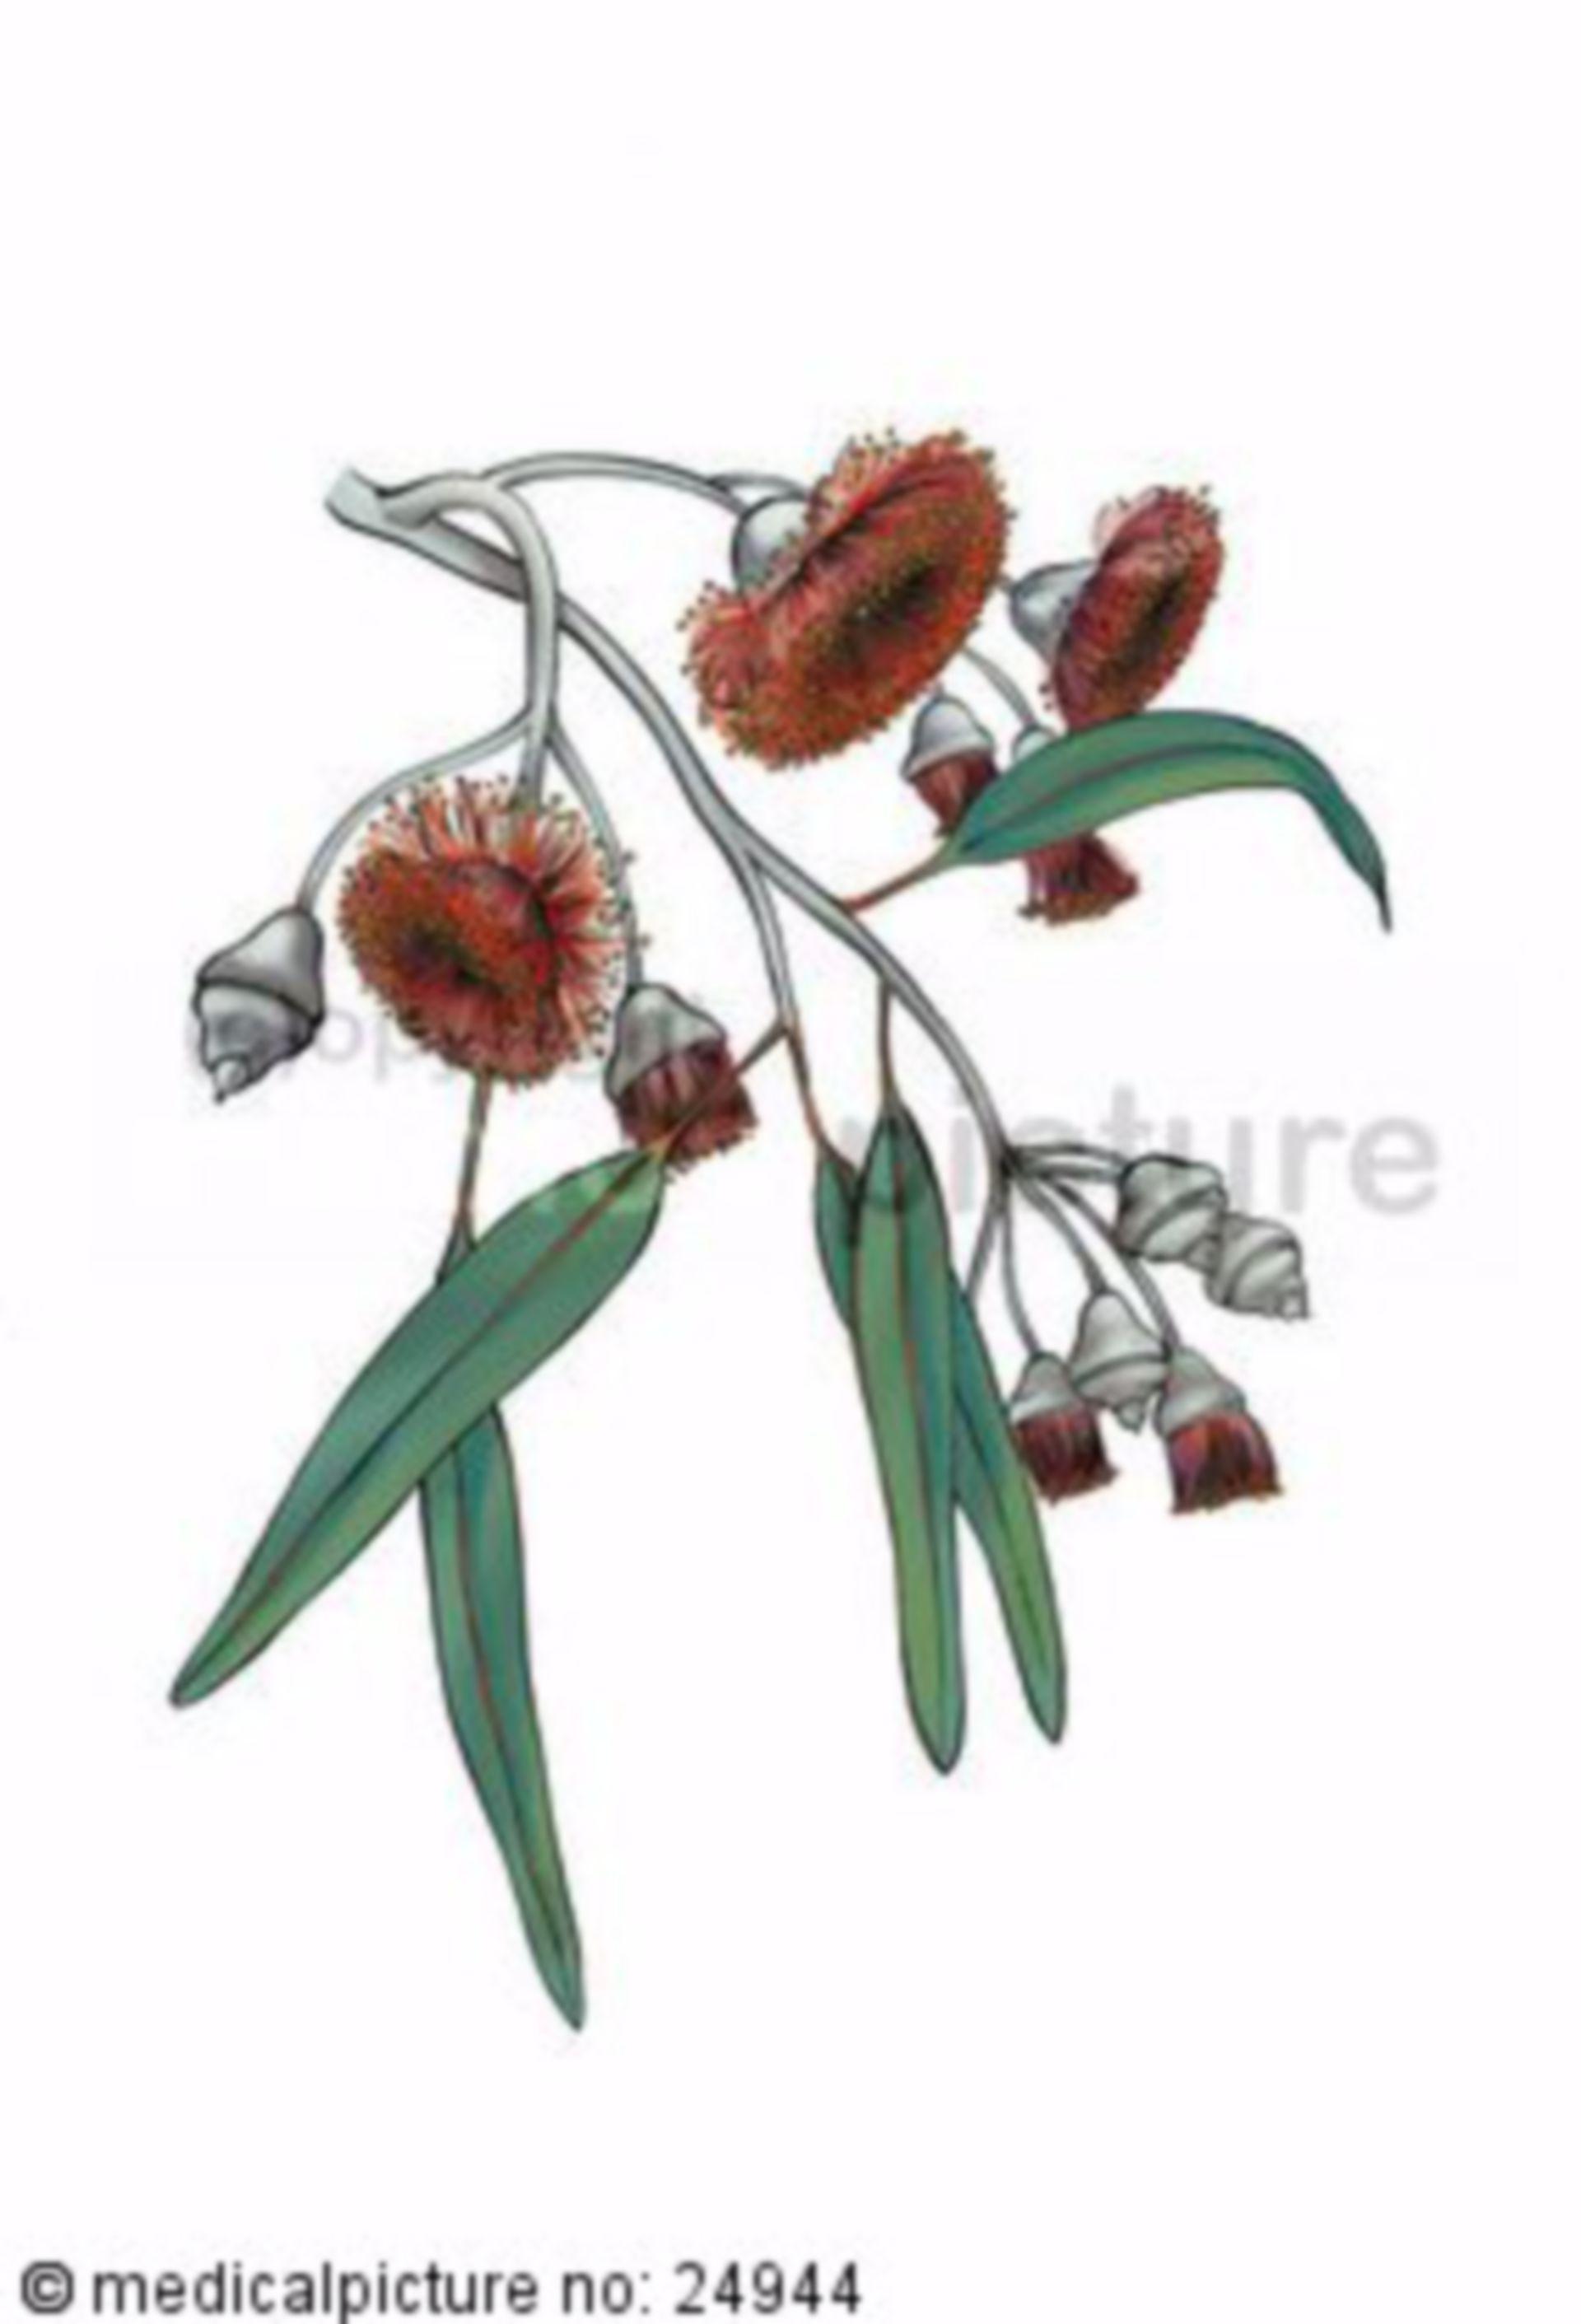 Eukalyptus, Eucalyptus caesia